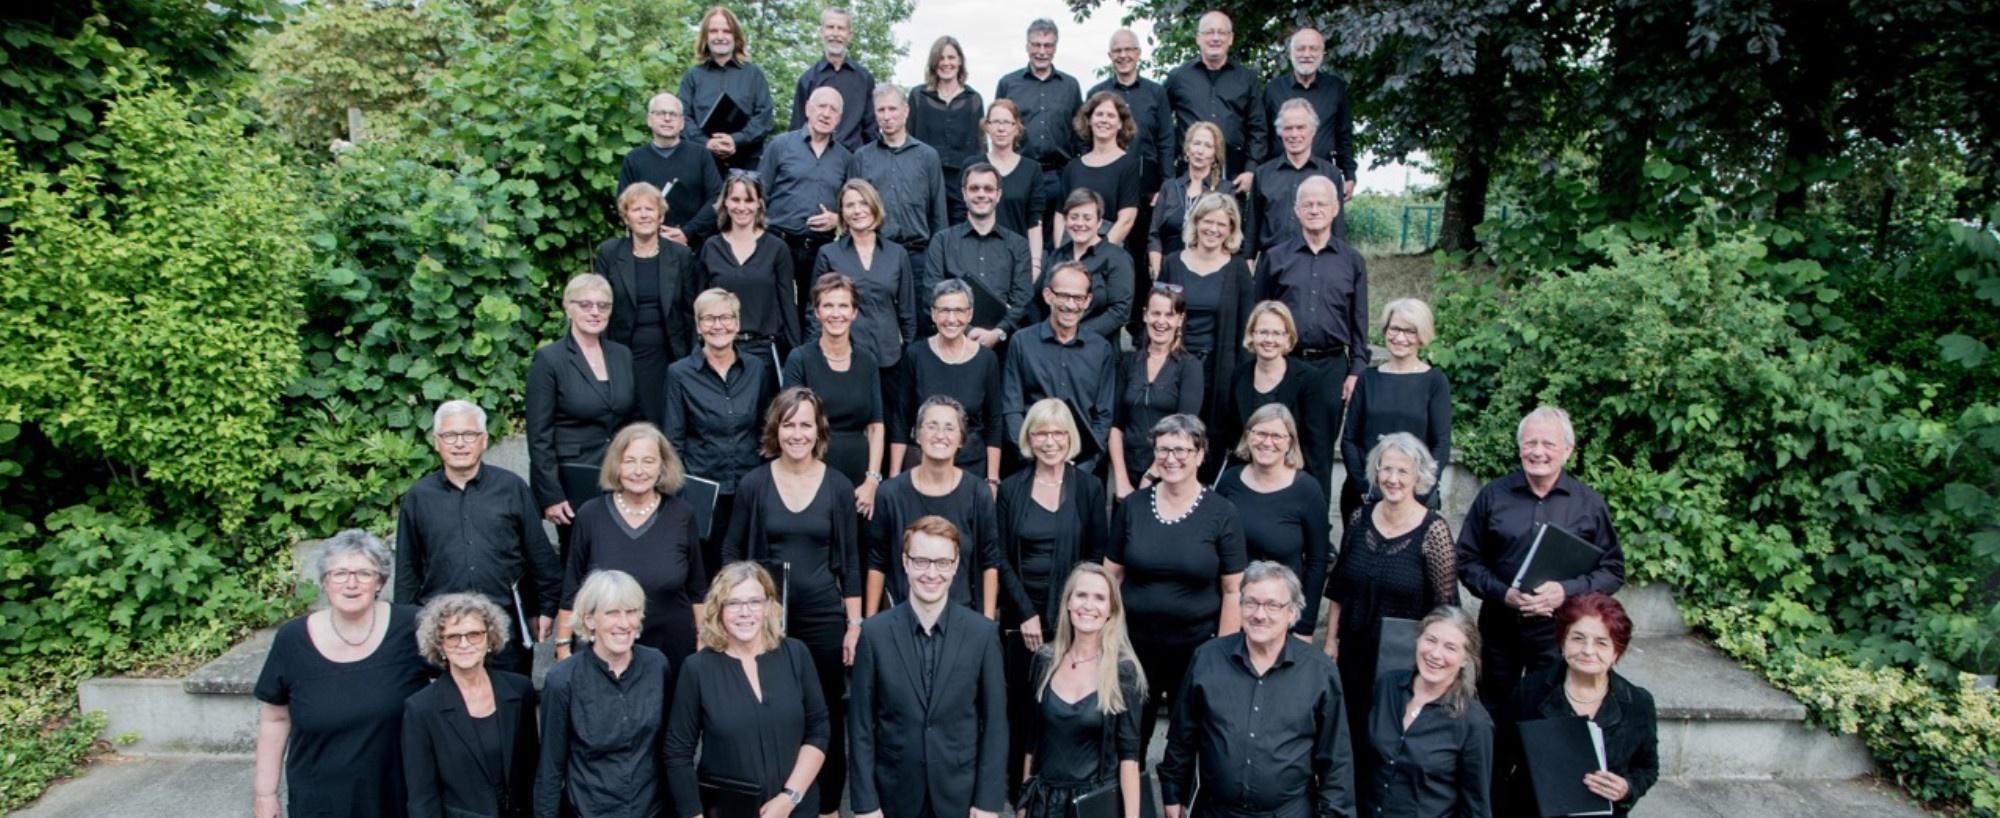 Rodenkirchener Kammerchor